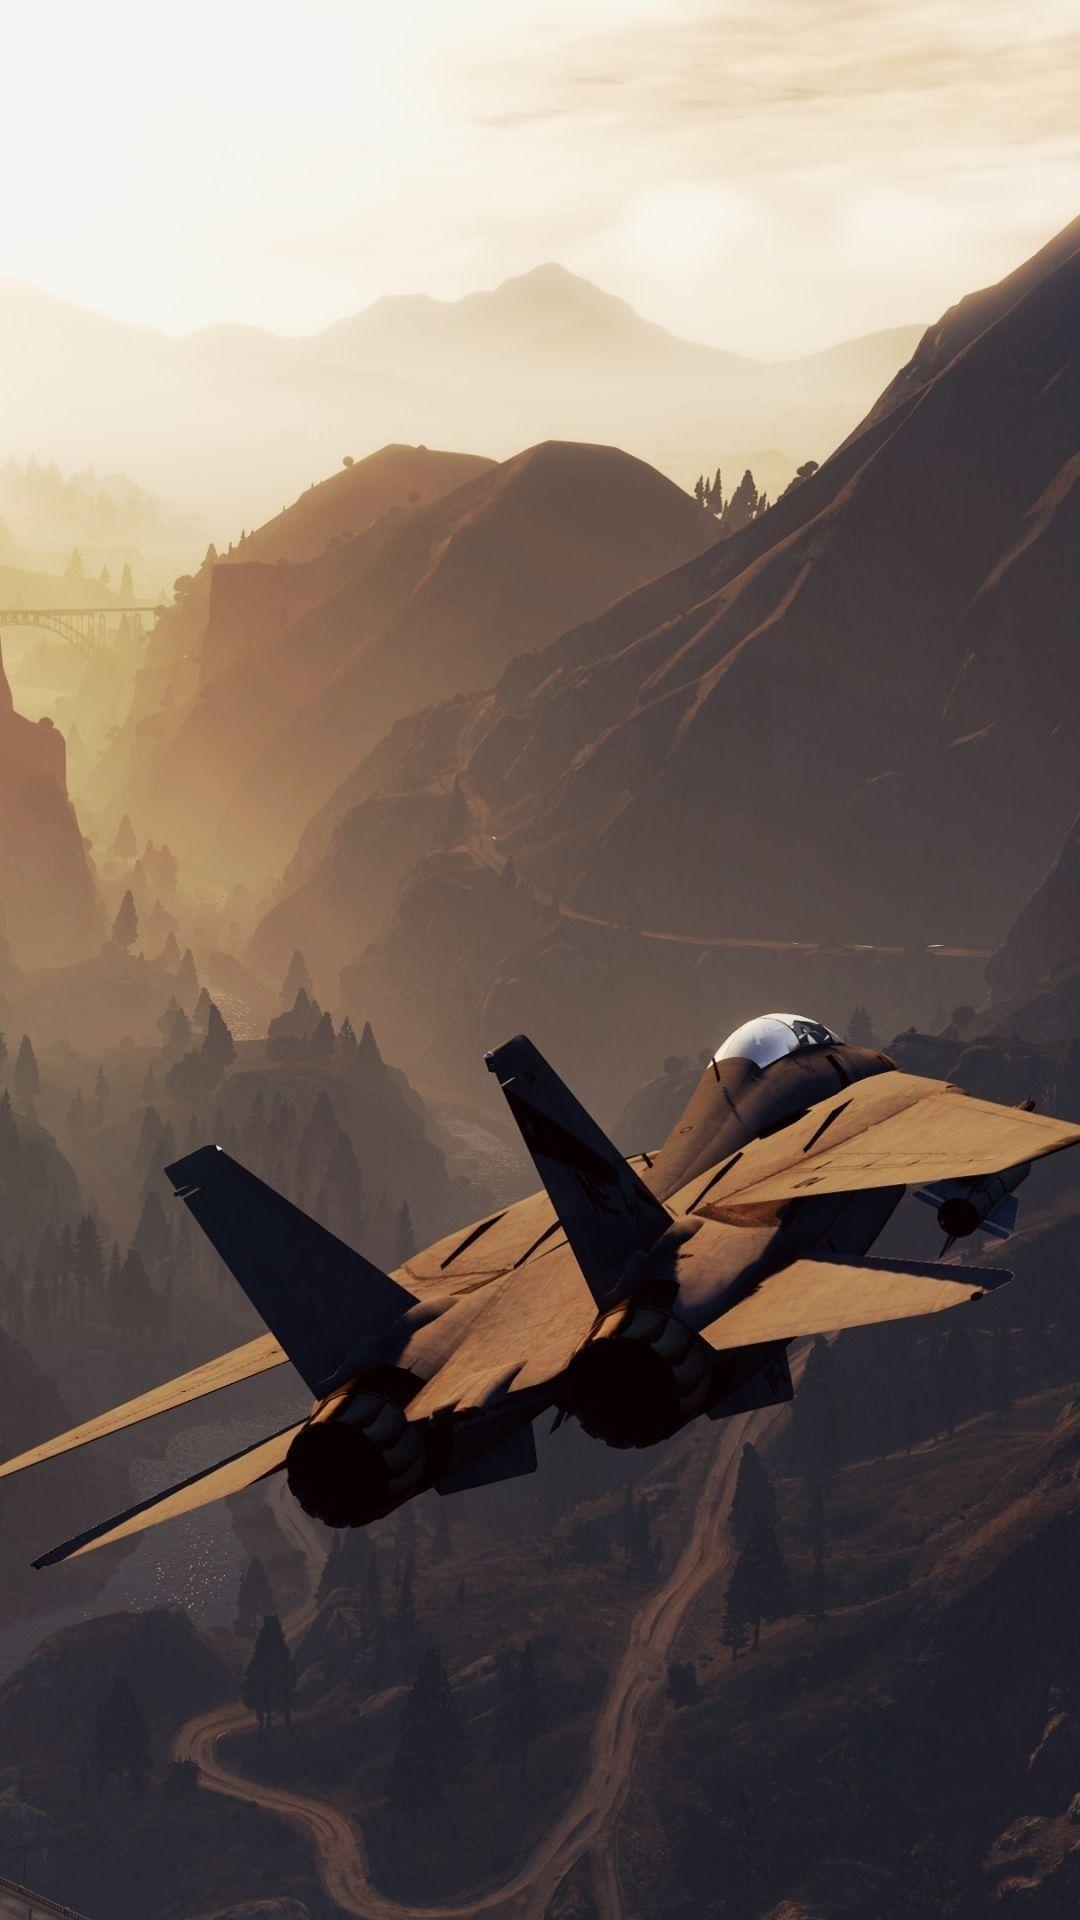 épinglé Par Snowlucas Sur Elegance Of Aeroplanes Avion De Chasse Avion Militaire Photo Avion